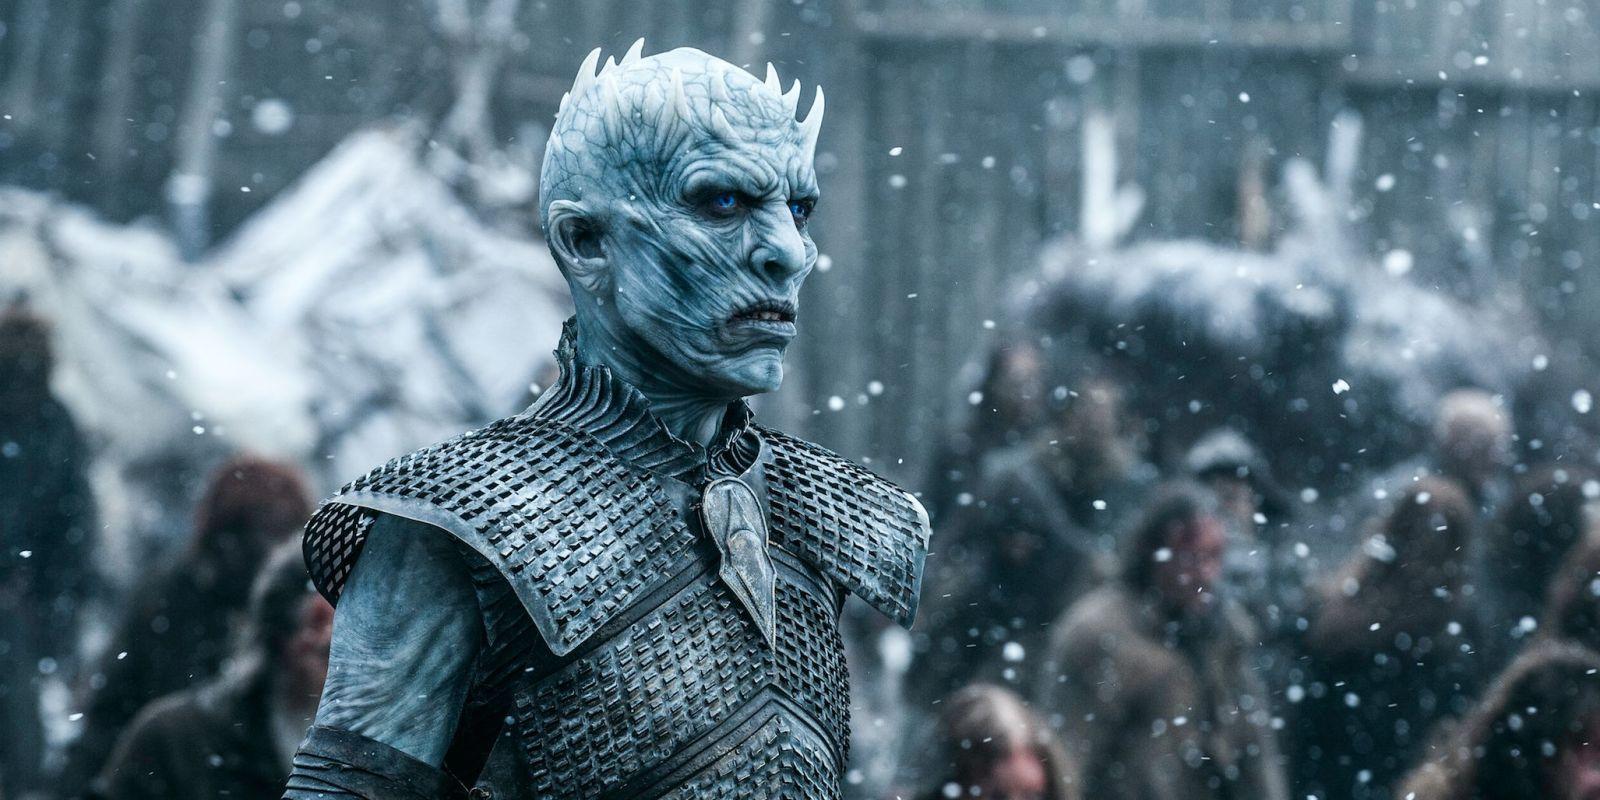 Hoe gaat het nu met de goden in Game of Thrones?